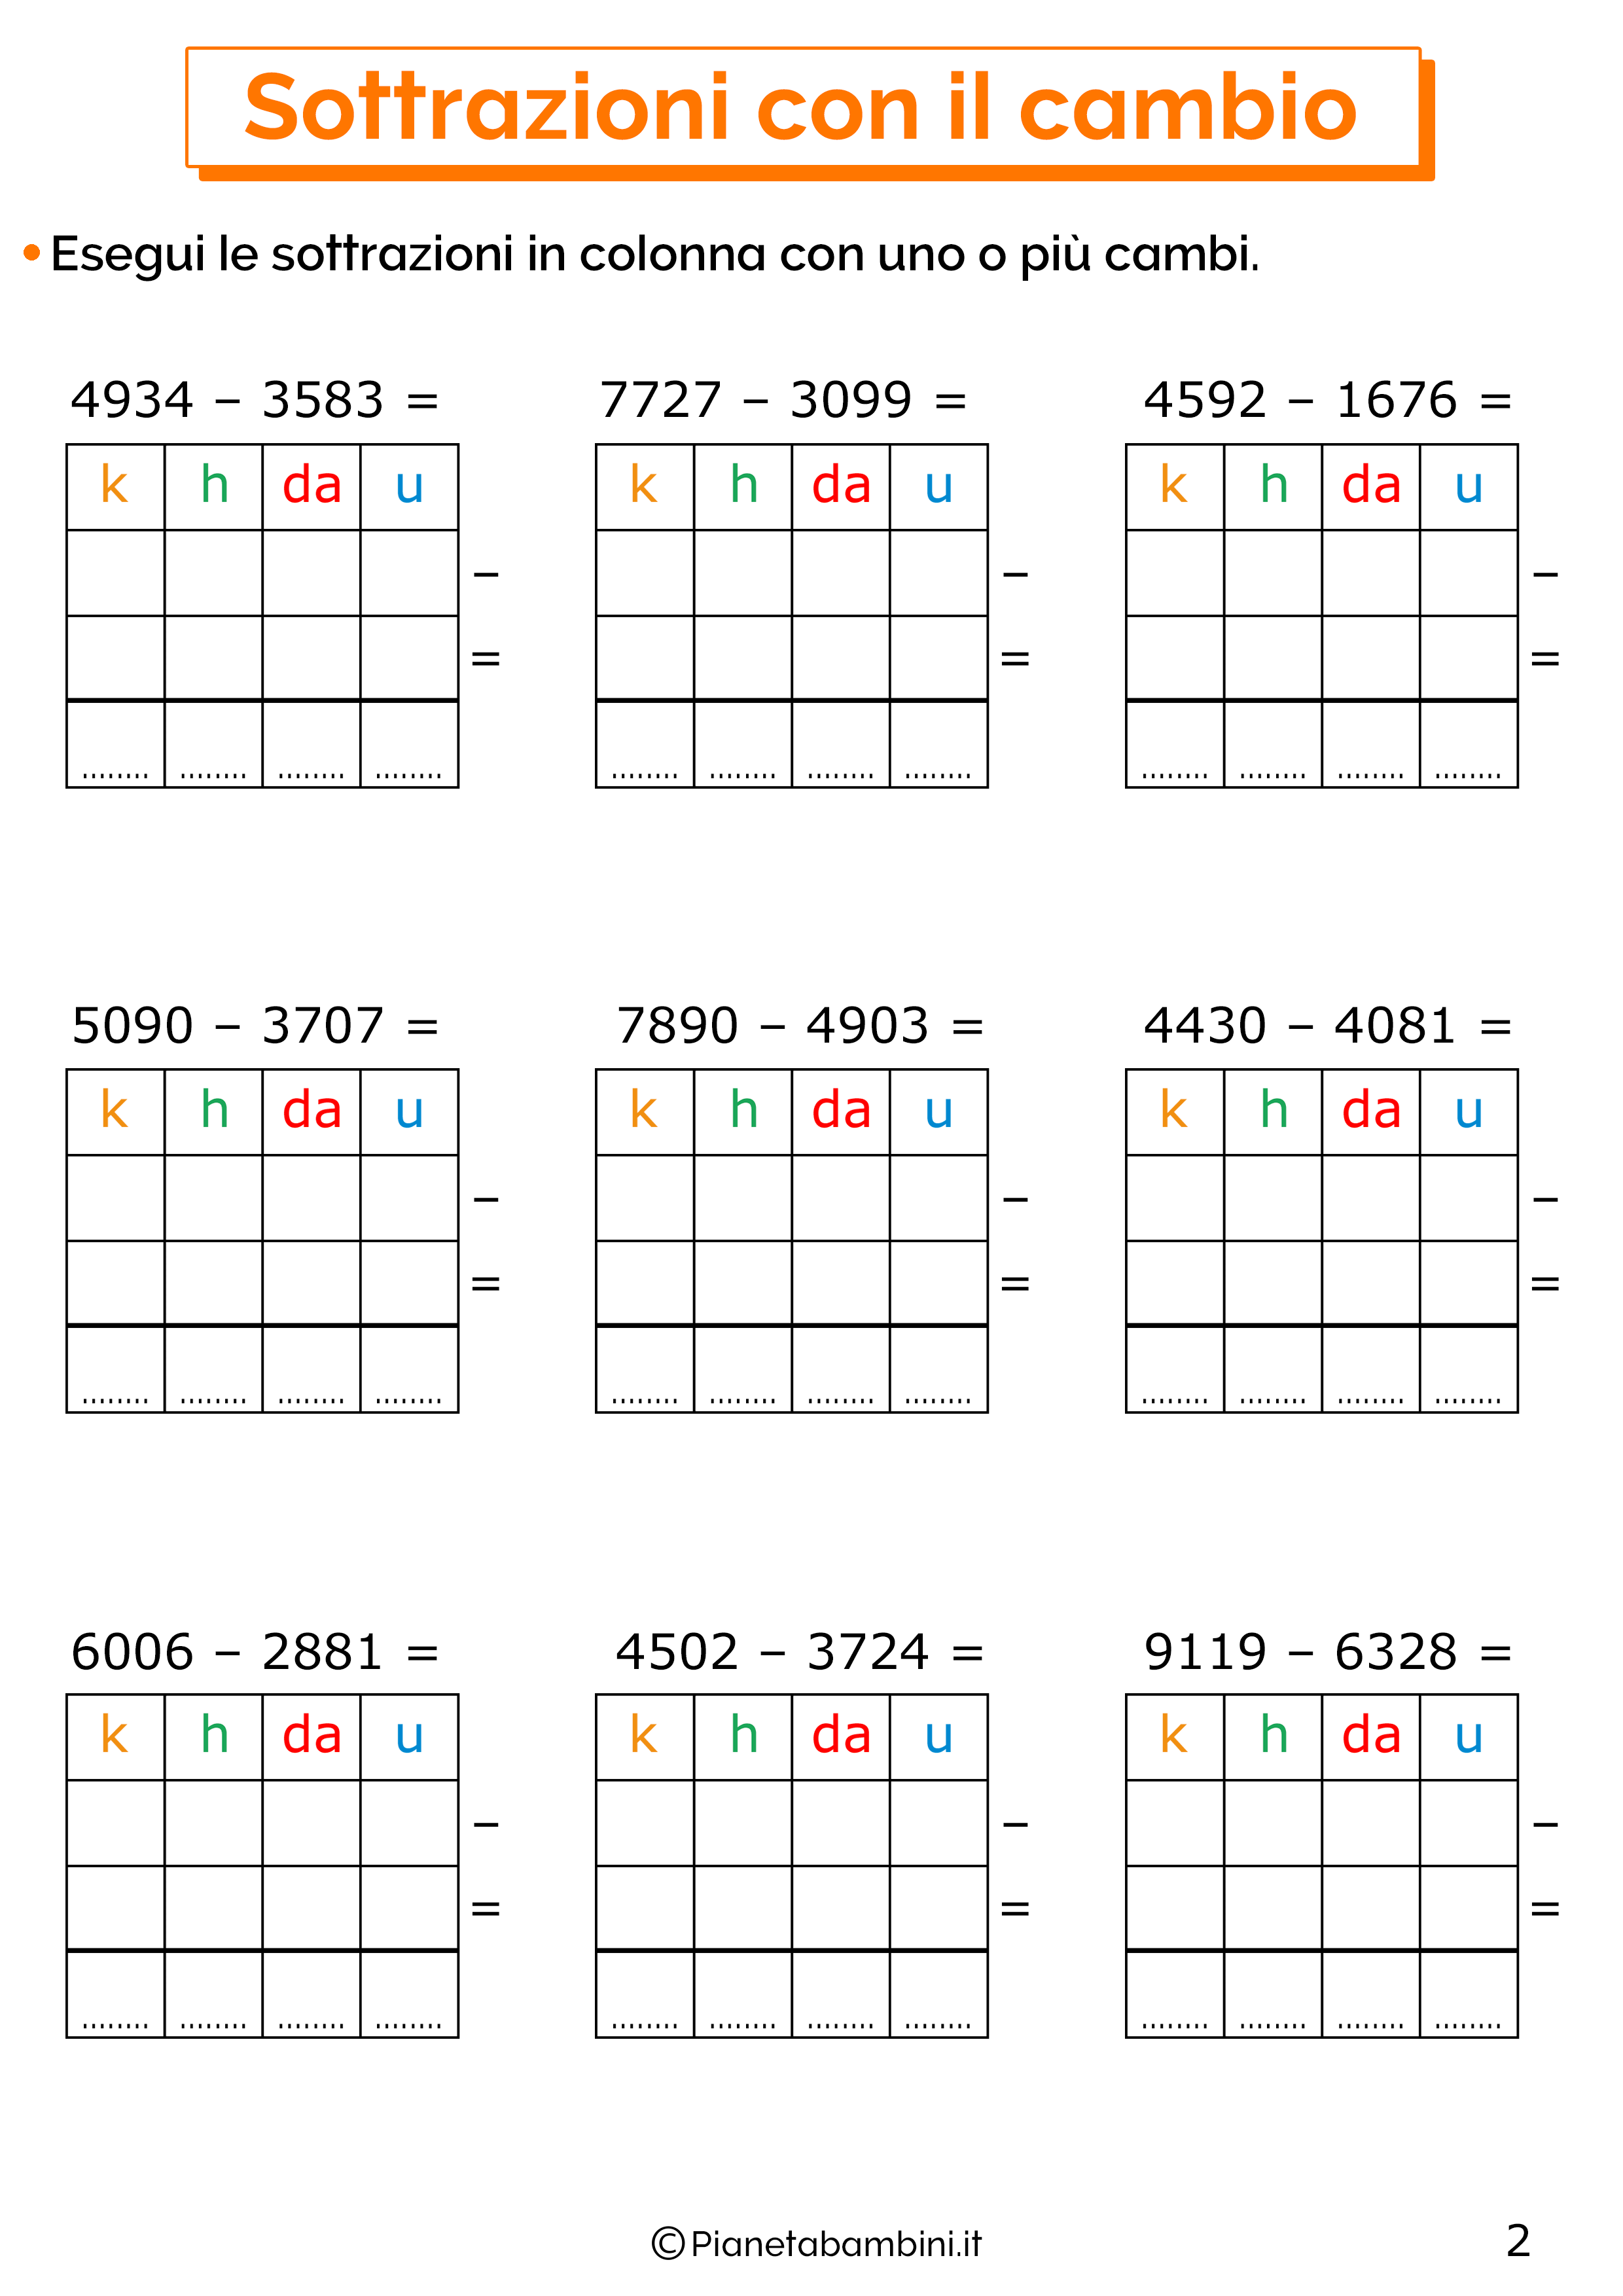 Sottrazioni con cambio a quattro cifre per la classe terza 2